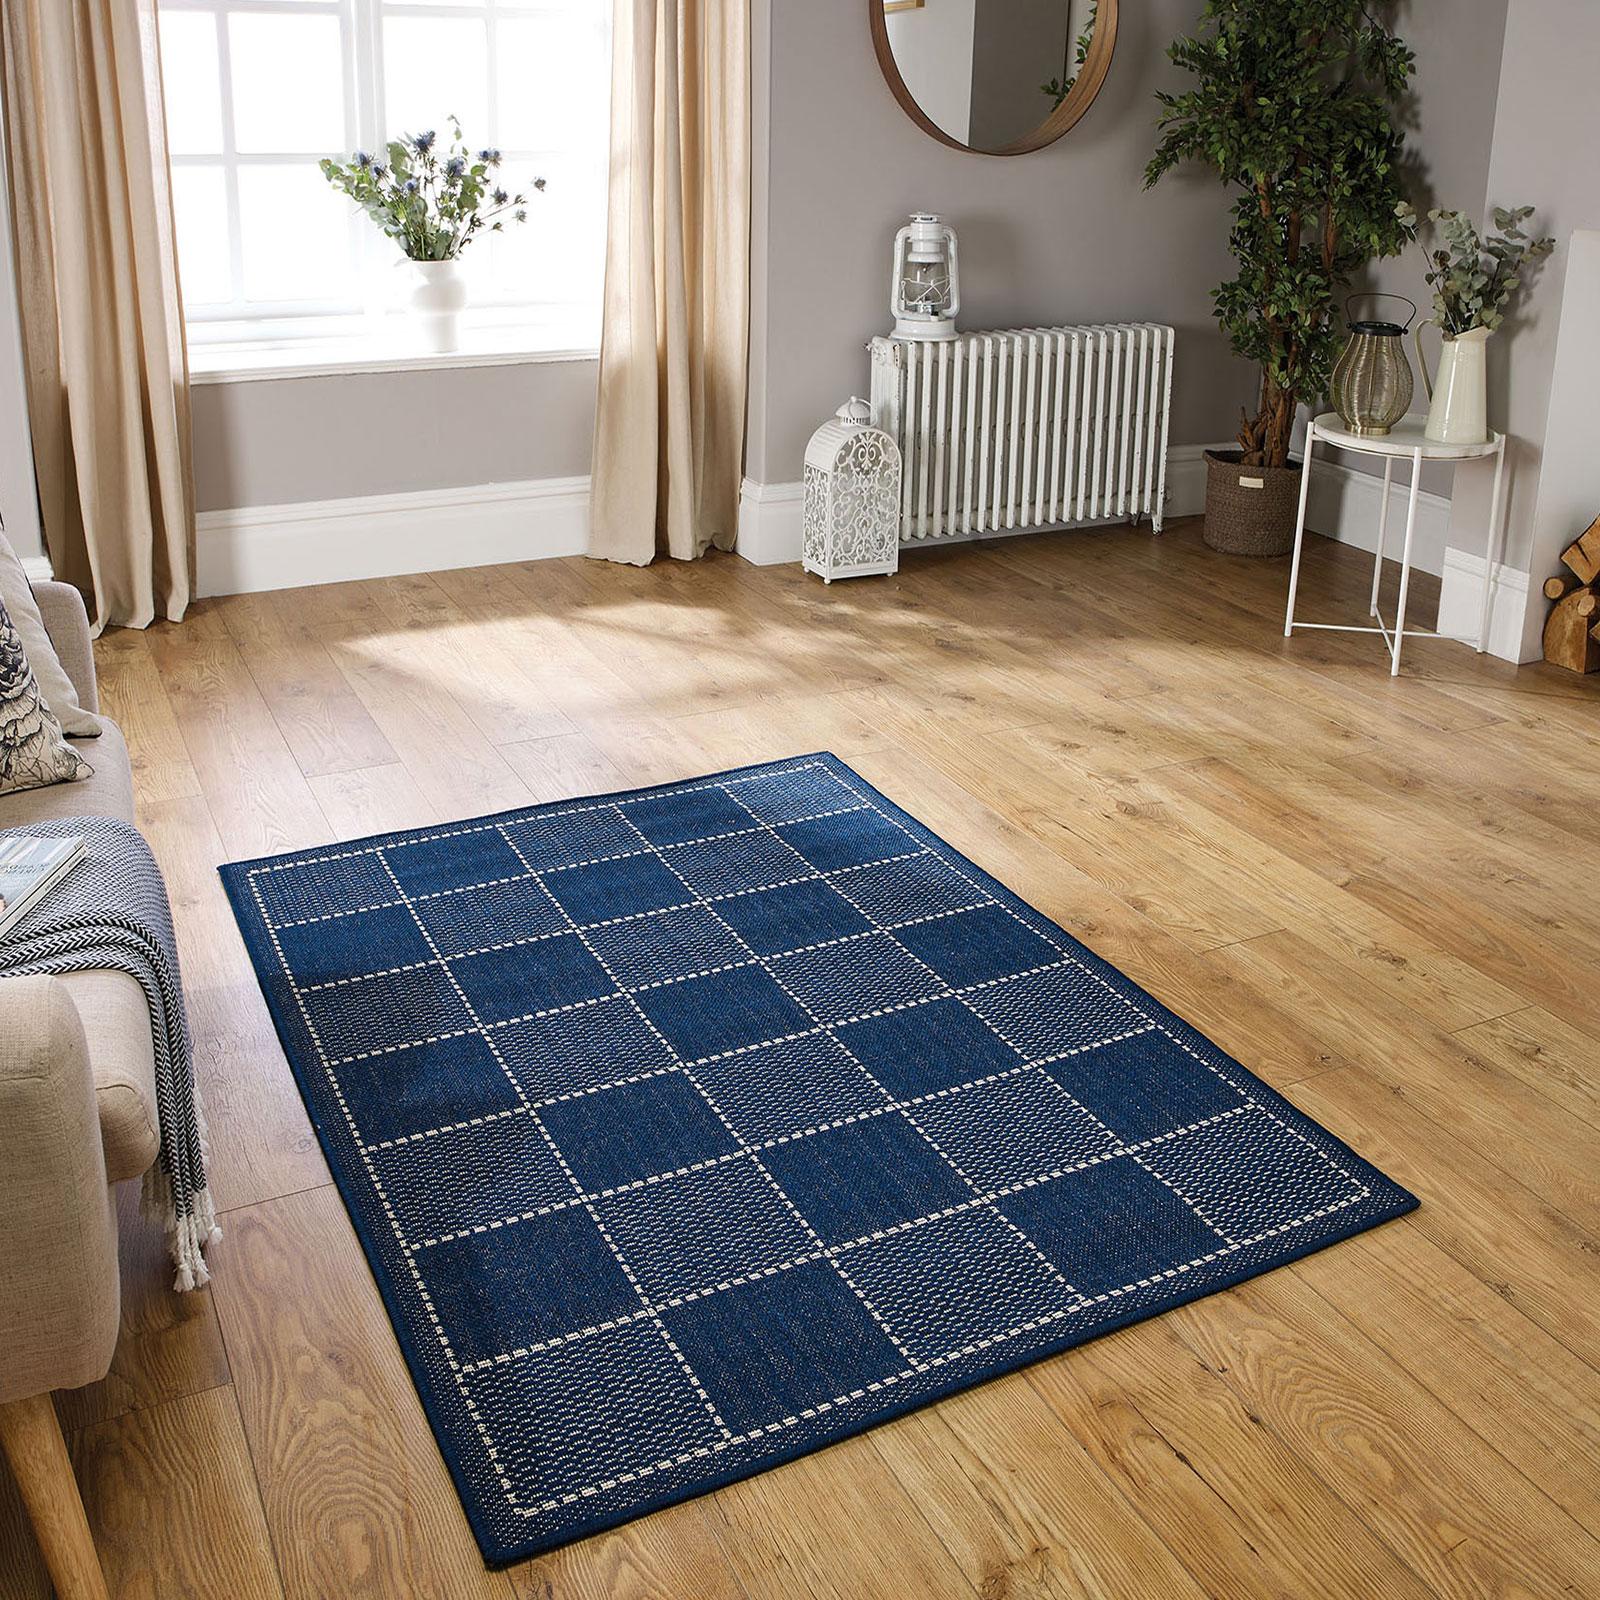 Checked-Flatweave-Blue-roomshot.jpg